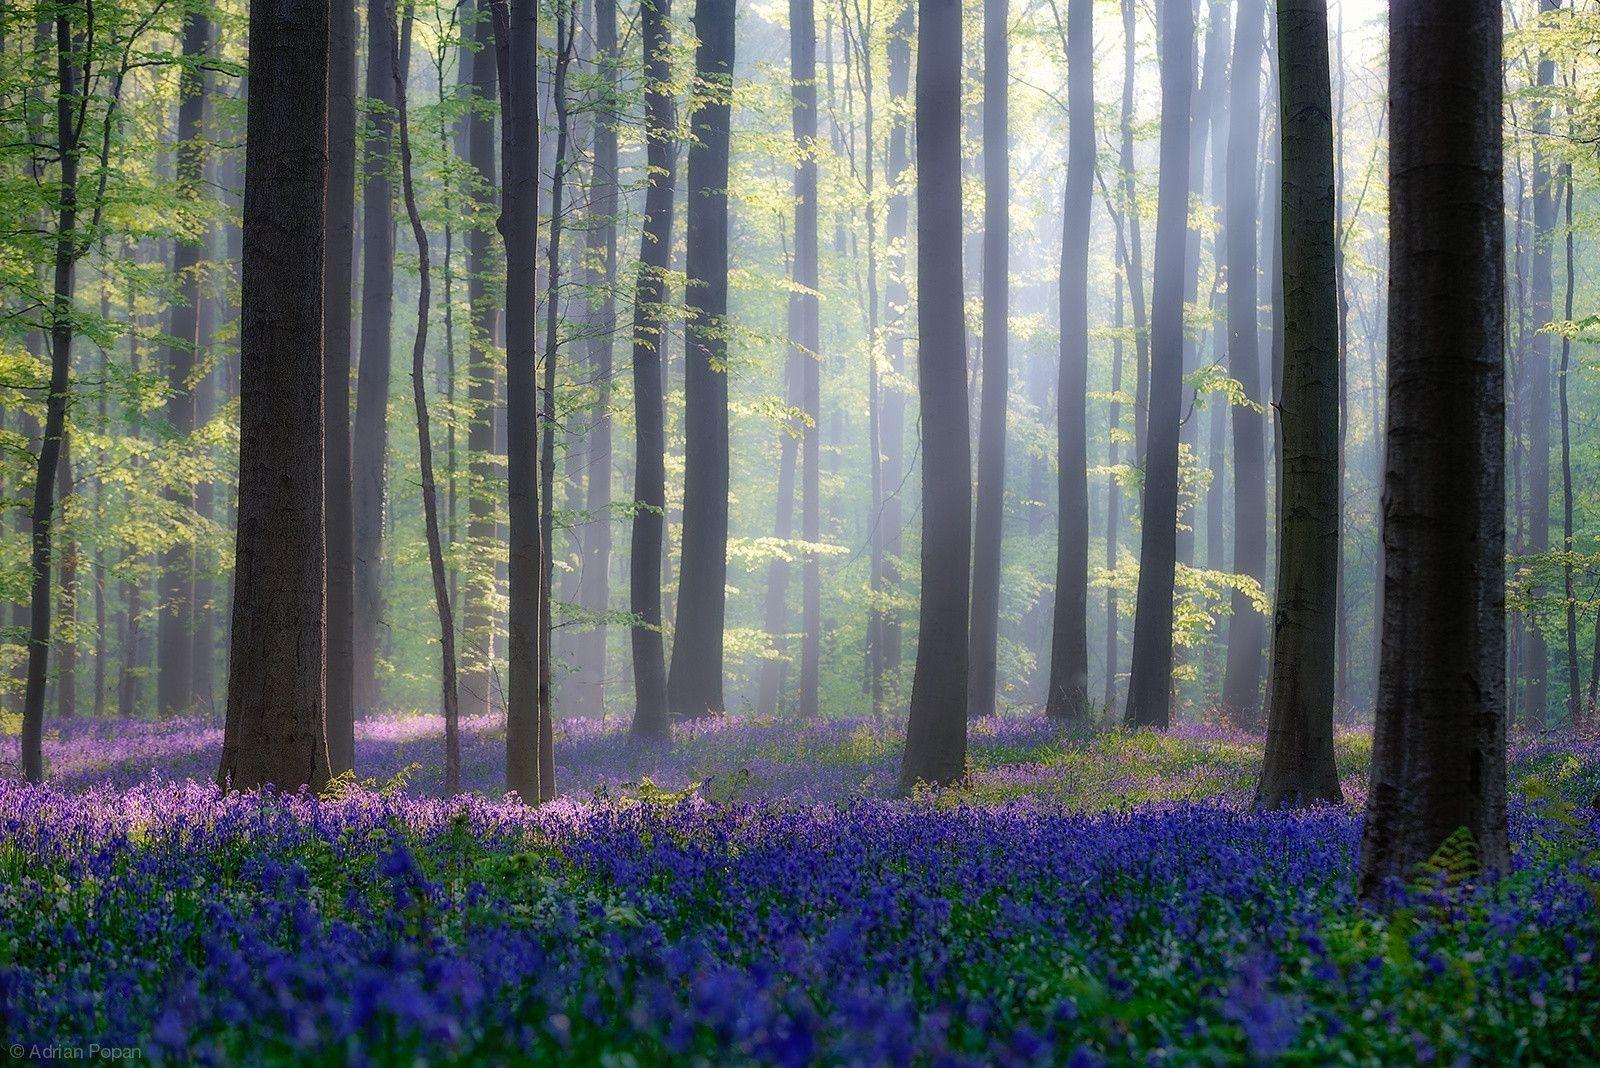 Bosque de Soignes, la invisible frontera interior que divide Bélgica, entre Flandes y Valonia.